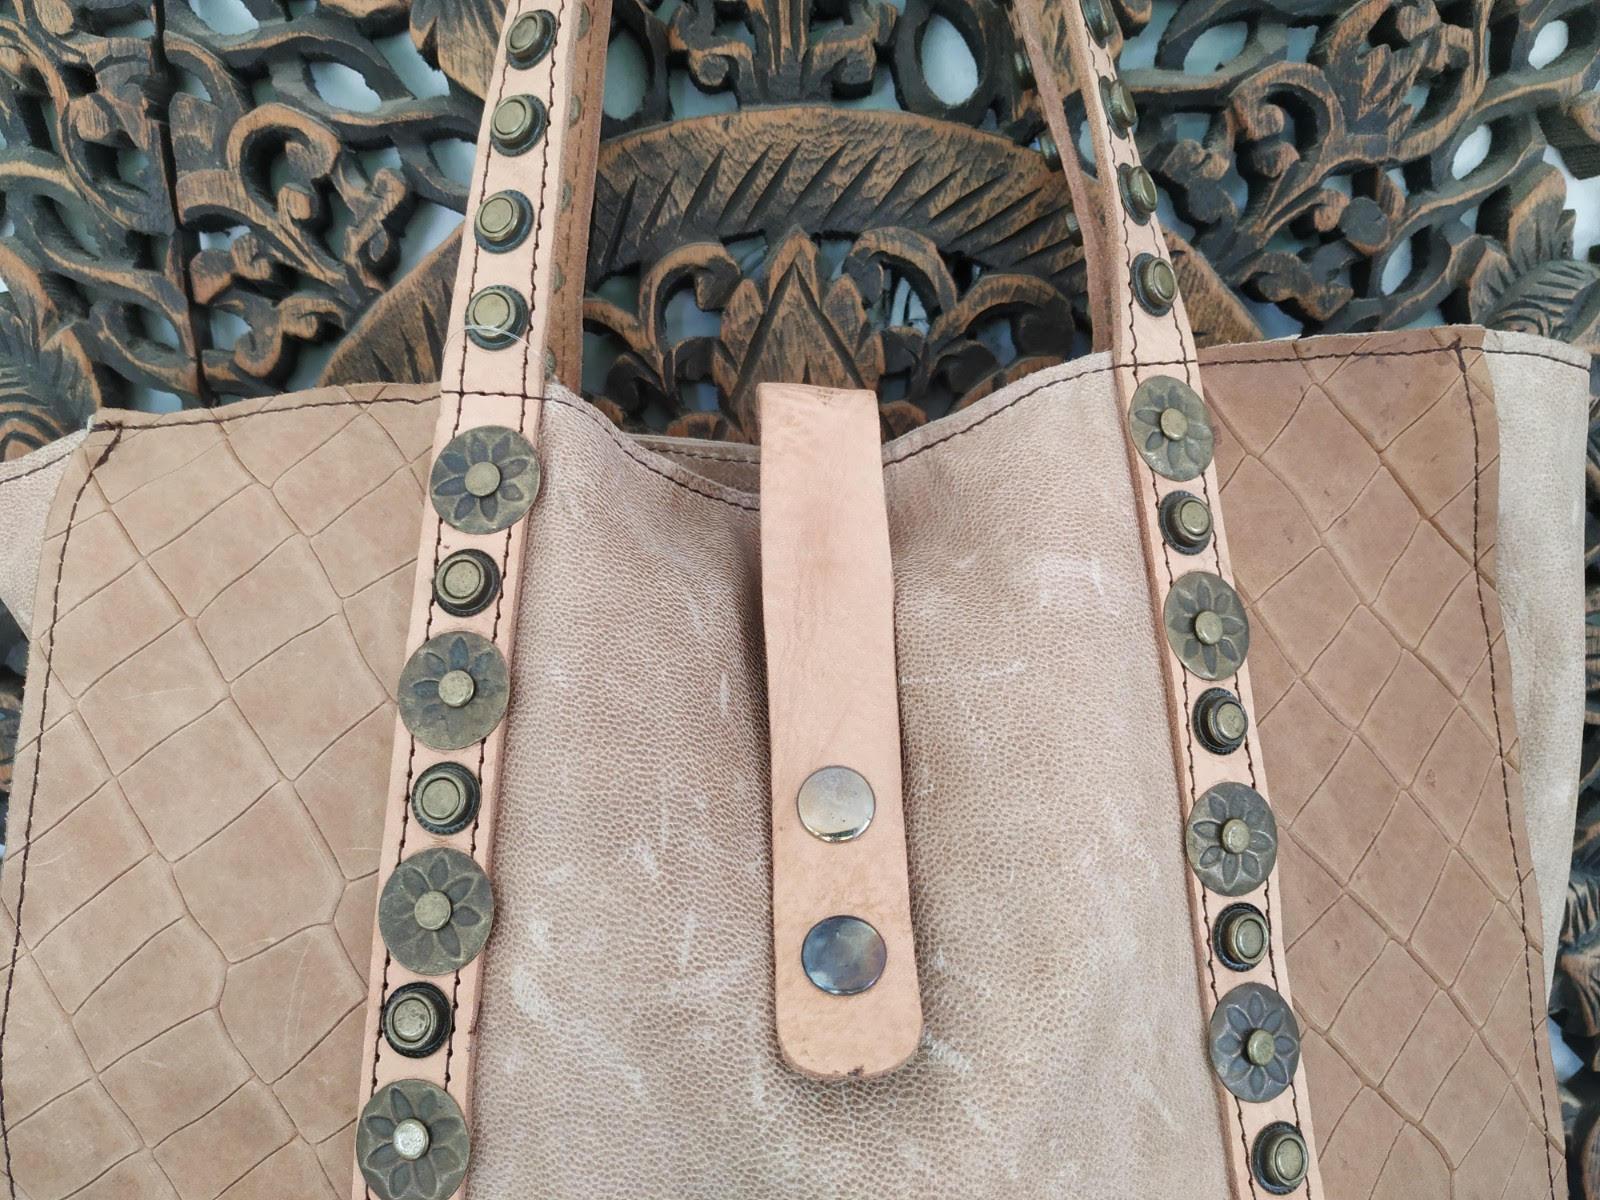 miuma-bolso-marron-piel-tachas-complemento-moda-cambrils(2)